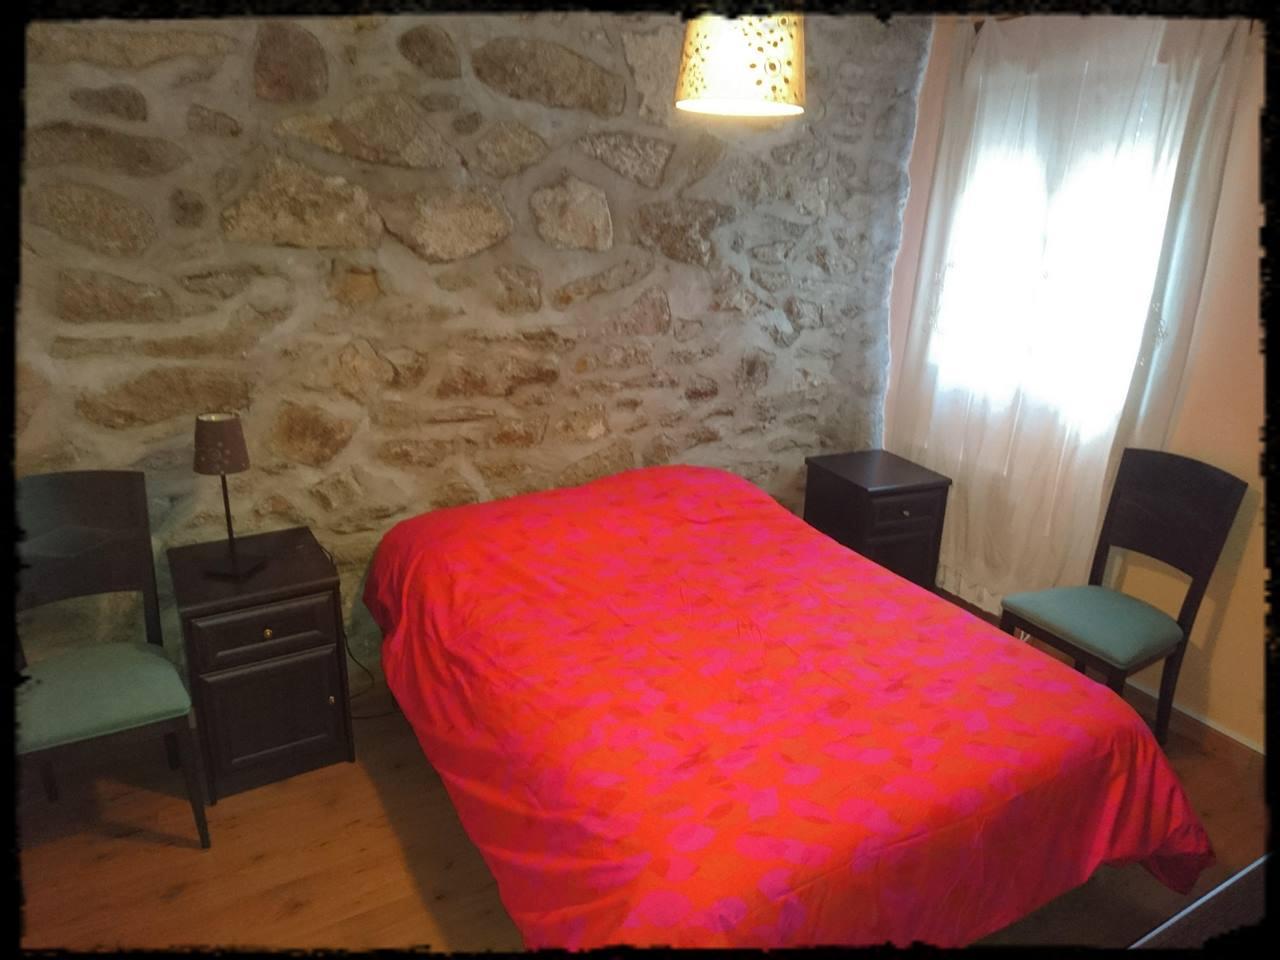 Apartamento para vacaciones Hoyocasero, Ávila